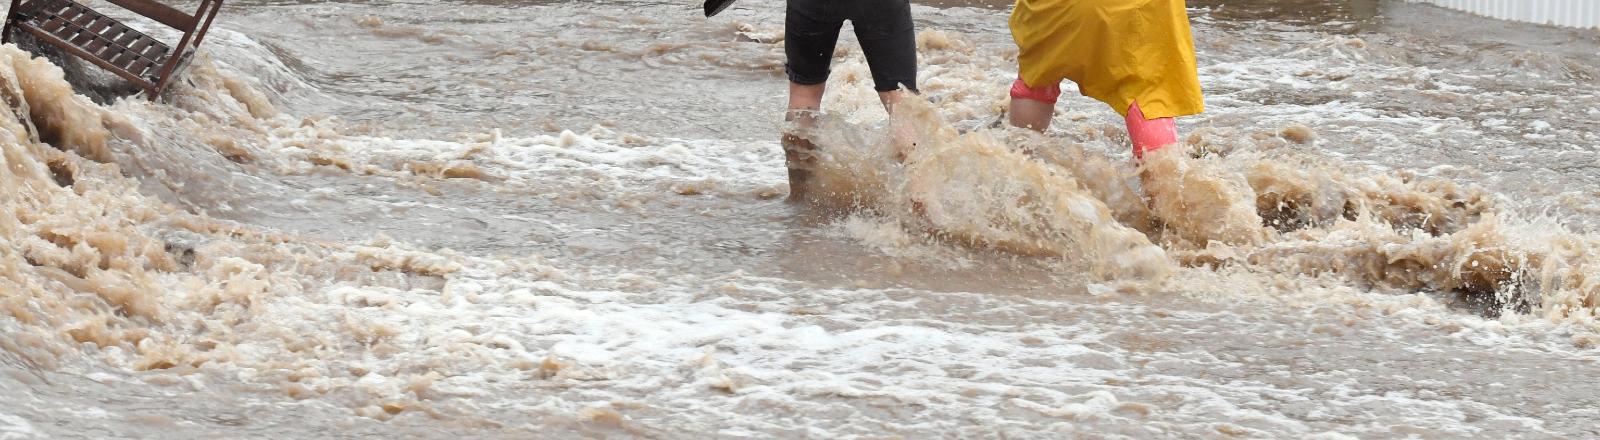 14.07. 2021 Anwohner der Ortschaft Balken helfen sich durch Fluten der Wupper. Durch den starken Regenfall im Laufe des Tages war der Fluss zum reissenden Gewässer geworden.